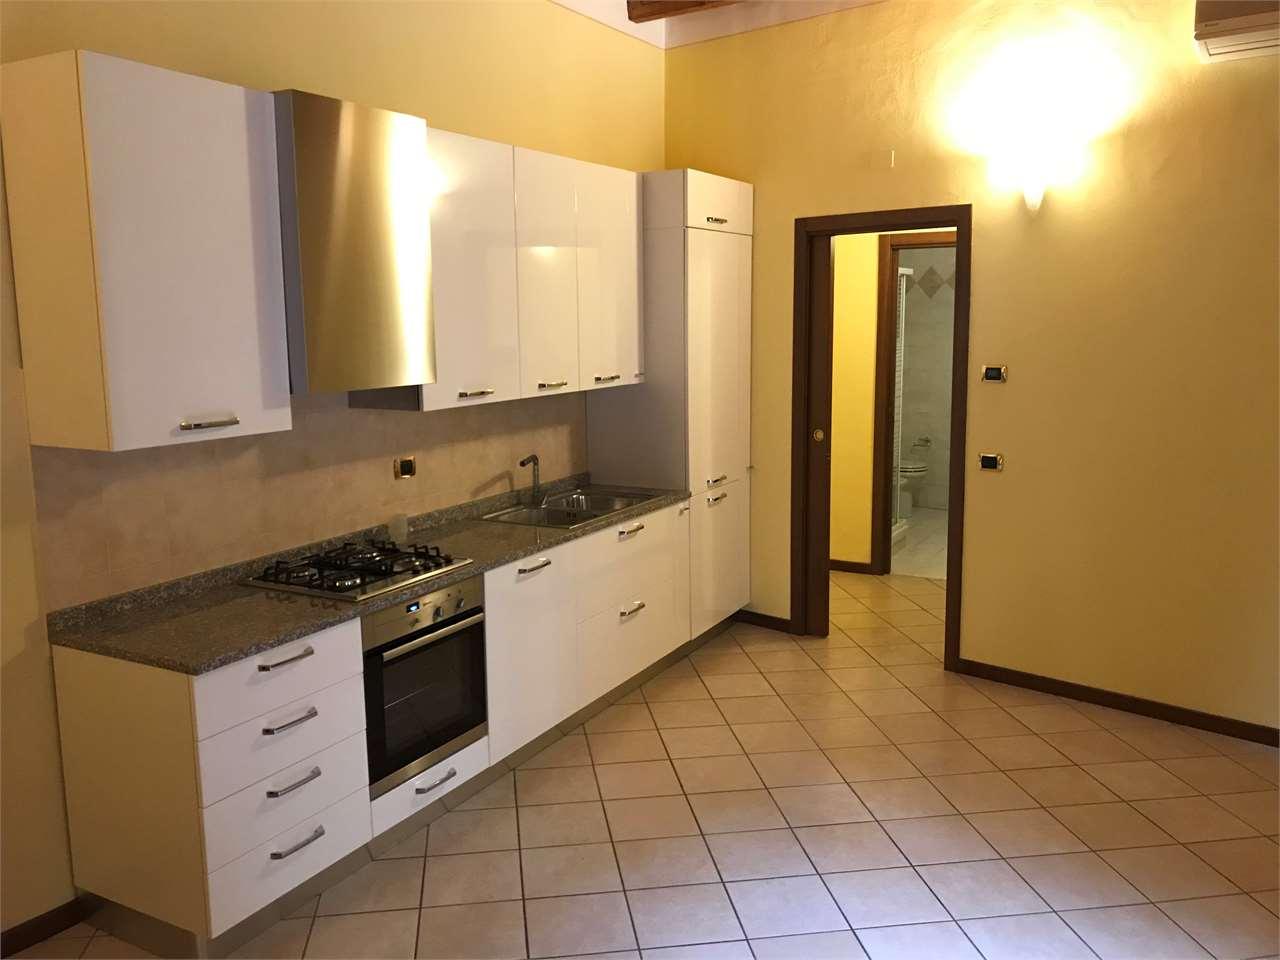 Appartamento in affitto a Mantova, 2 locali, zona Zona: Centro storico, prezzo € 500 | CambioCasa.it